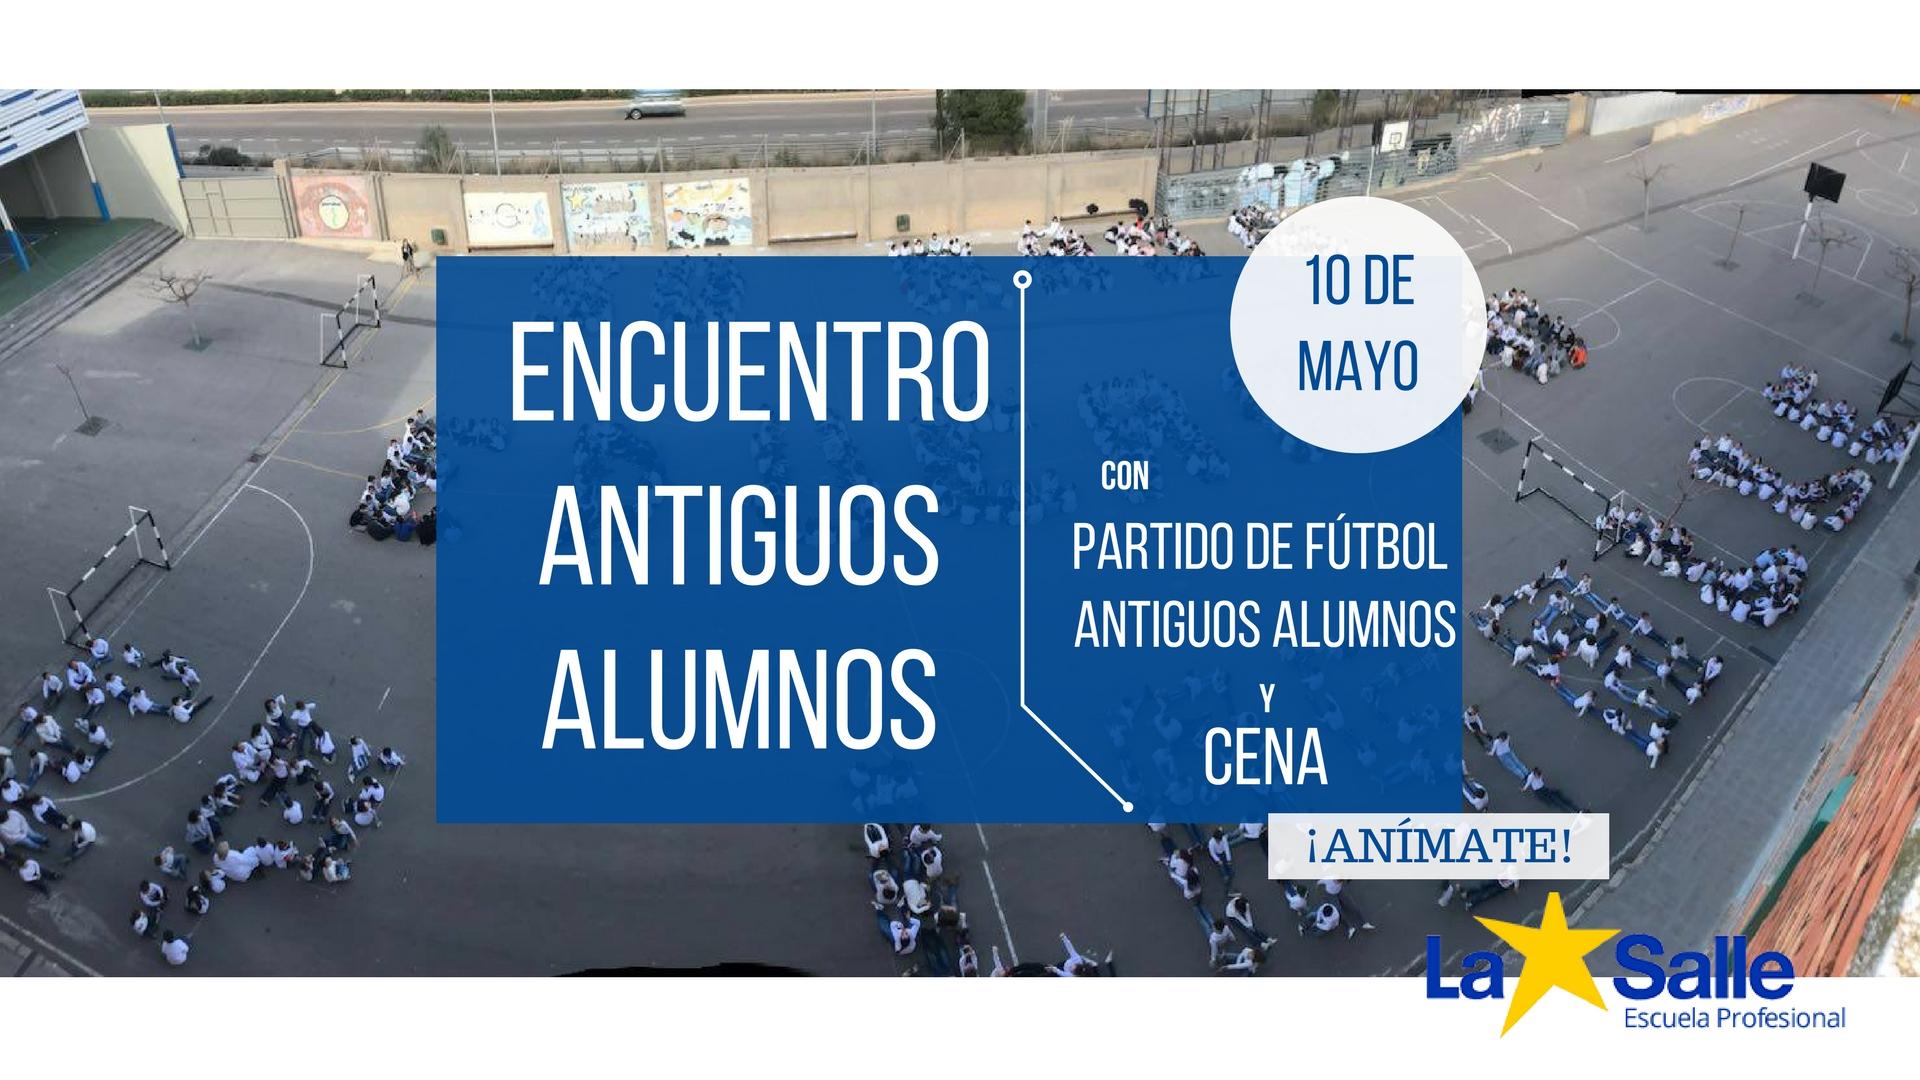 Encuentro de antiguos alumnos el próximo 10 de mayo